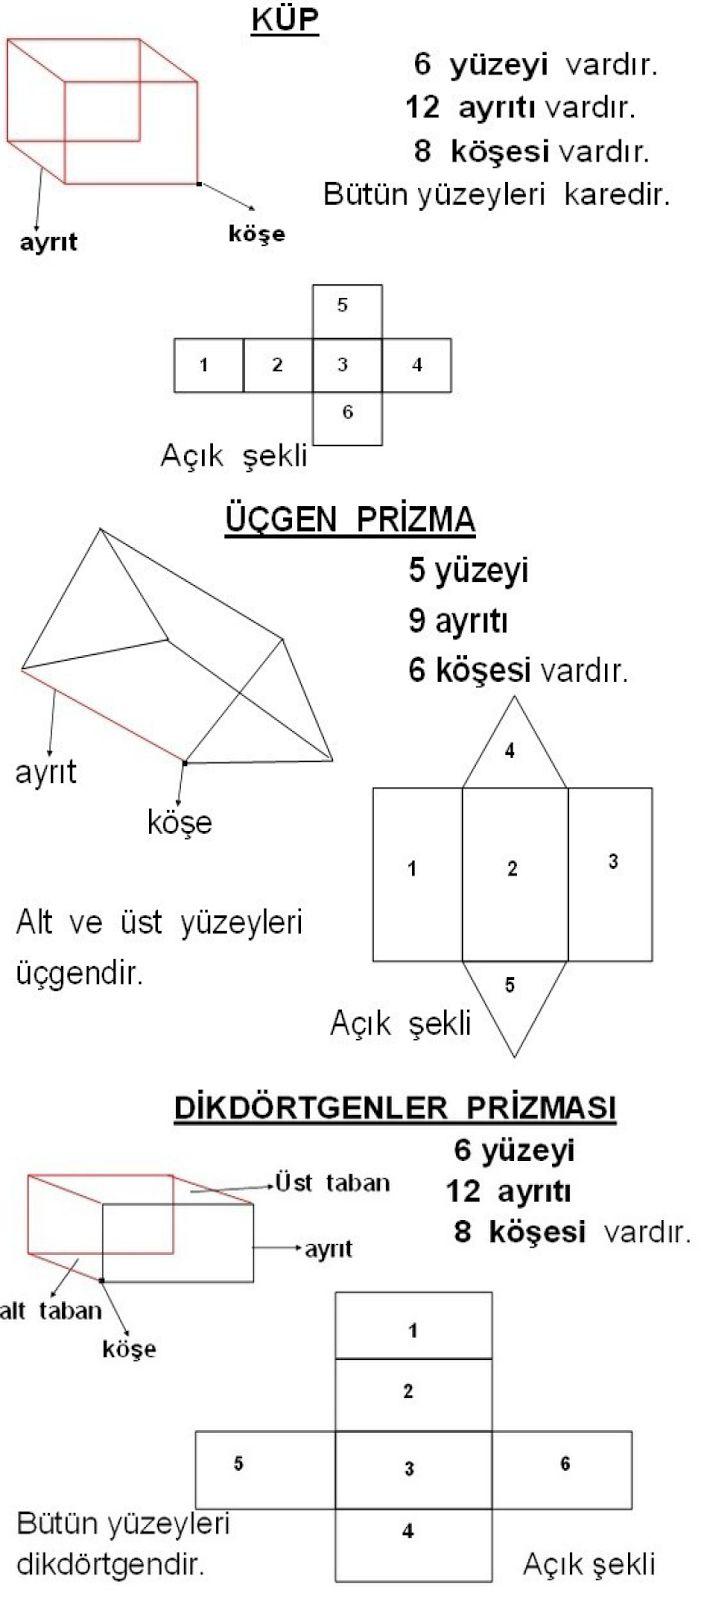 3. Sınıf Matematik Geometrik Cisimlerin Açılımları Konusu Etkinliği